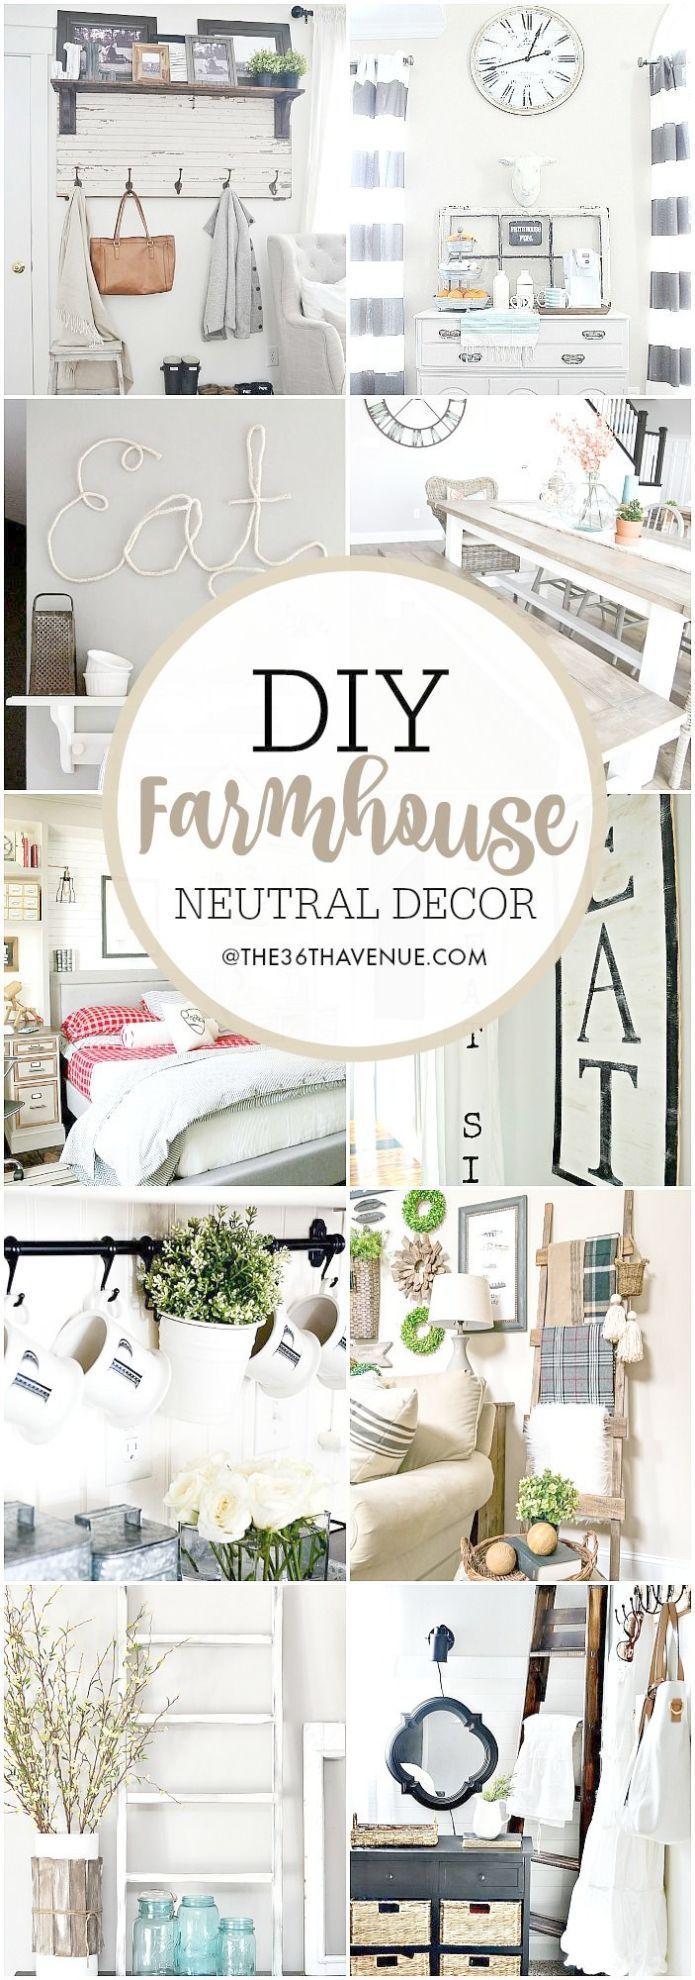 DIY Home Decorating Blogs DIY Home Interior Design Blog DIY Home ...